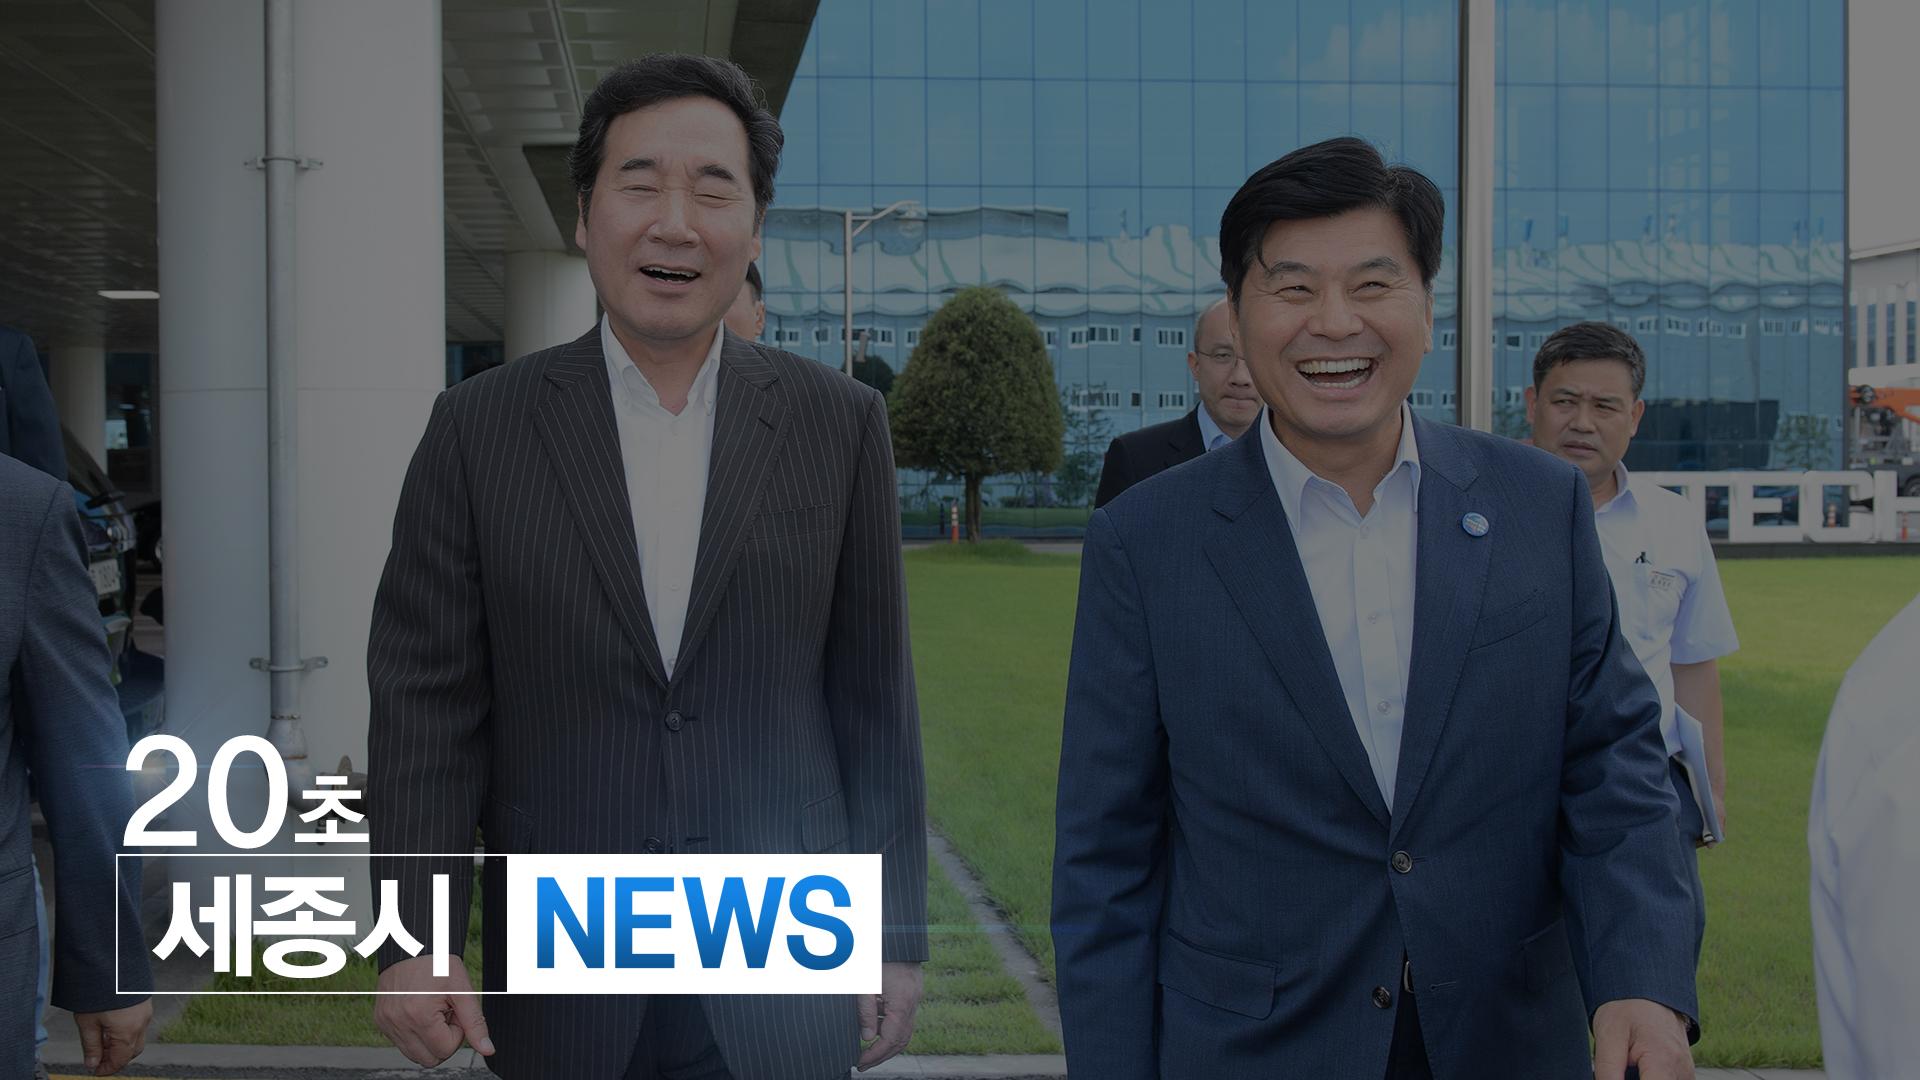 <20초뉴스> 이낙연 총리, 세종시 강소기업 방문